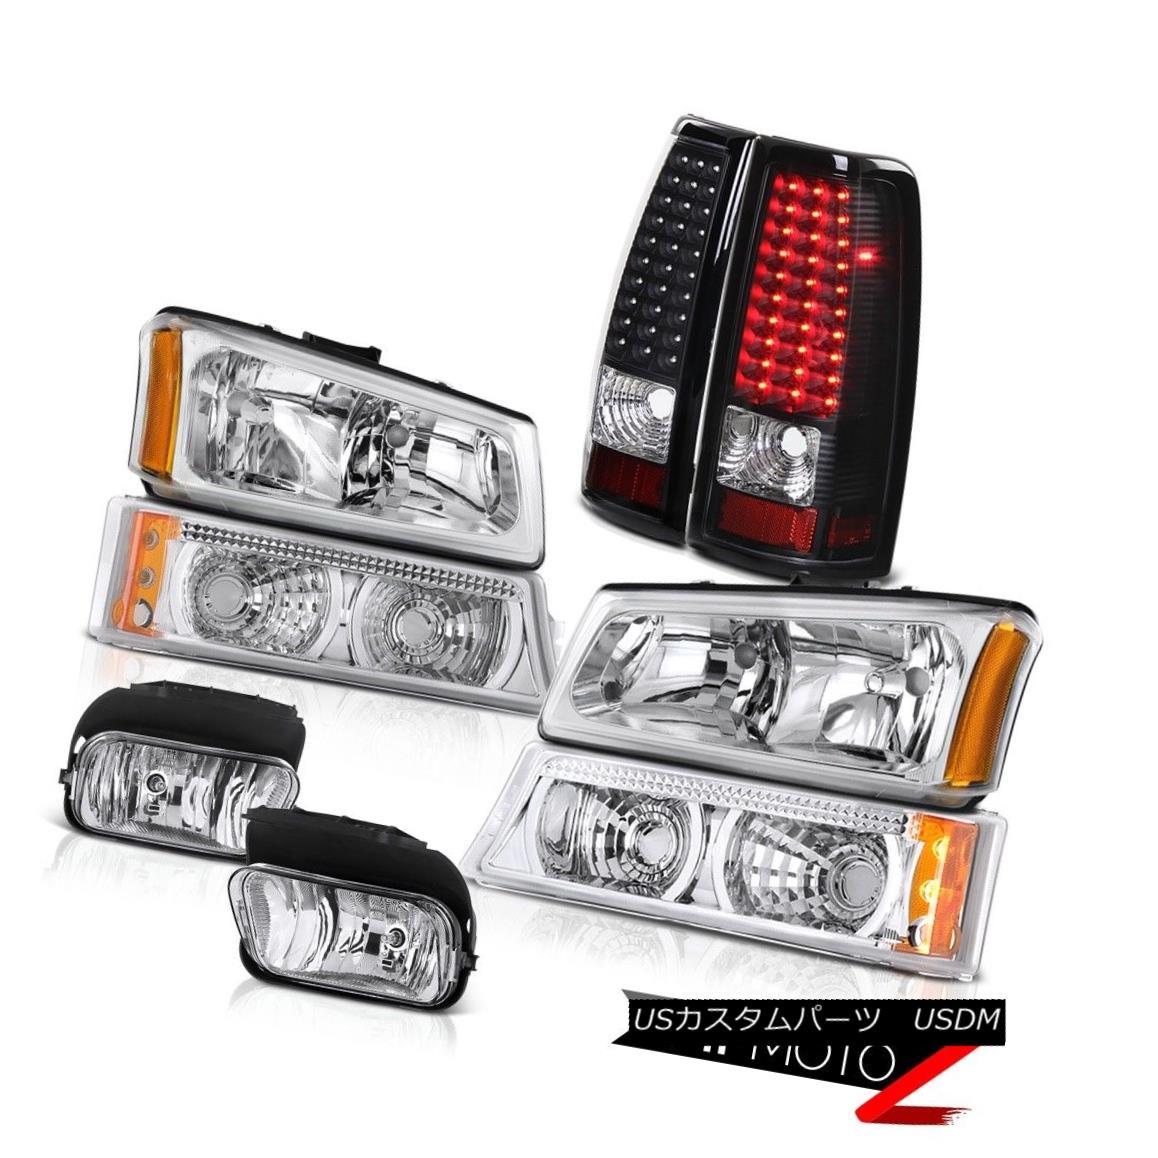 テールライト Silverado 2500 3500 Chrome Headlight Bumper SMD Tail Lamp Black Driving Foglight Silverado 2500 3500クロームヘッドライトバンパーSMDテールランプブラック駆動Foglight